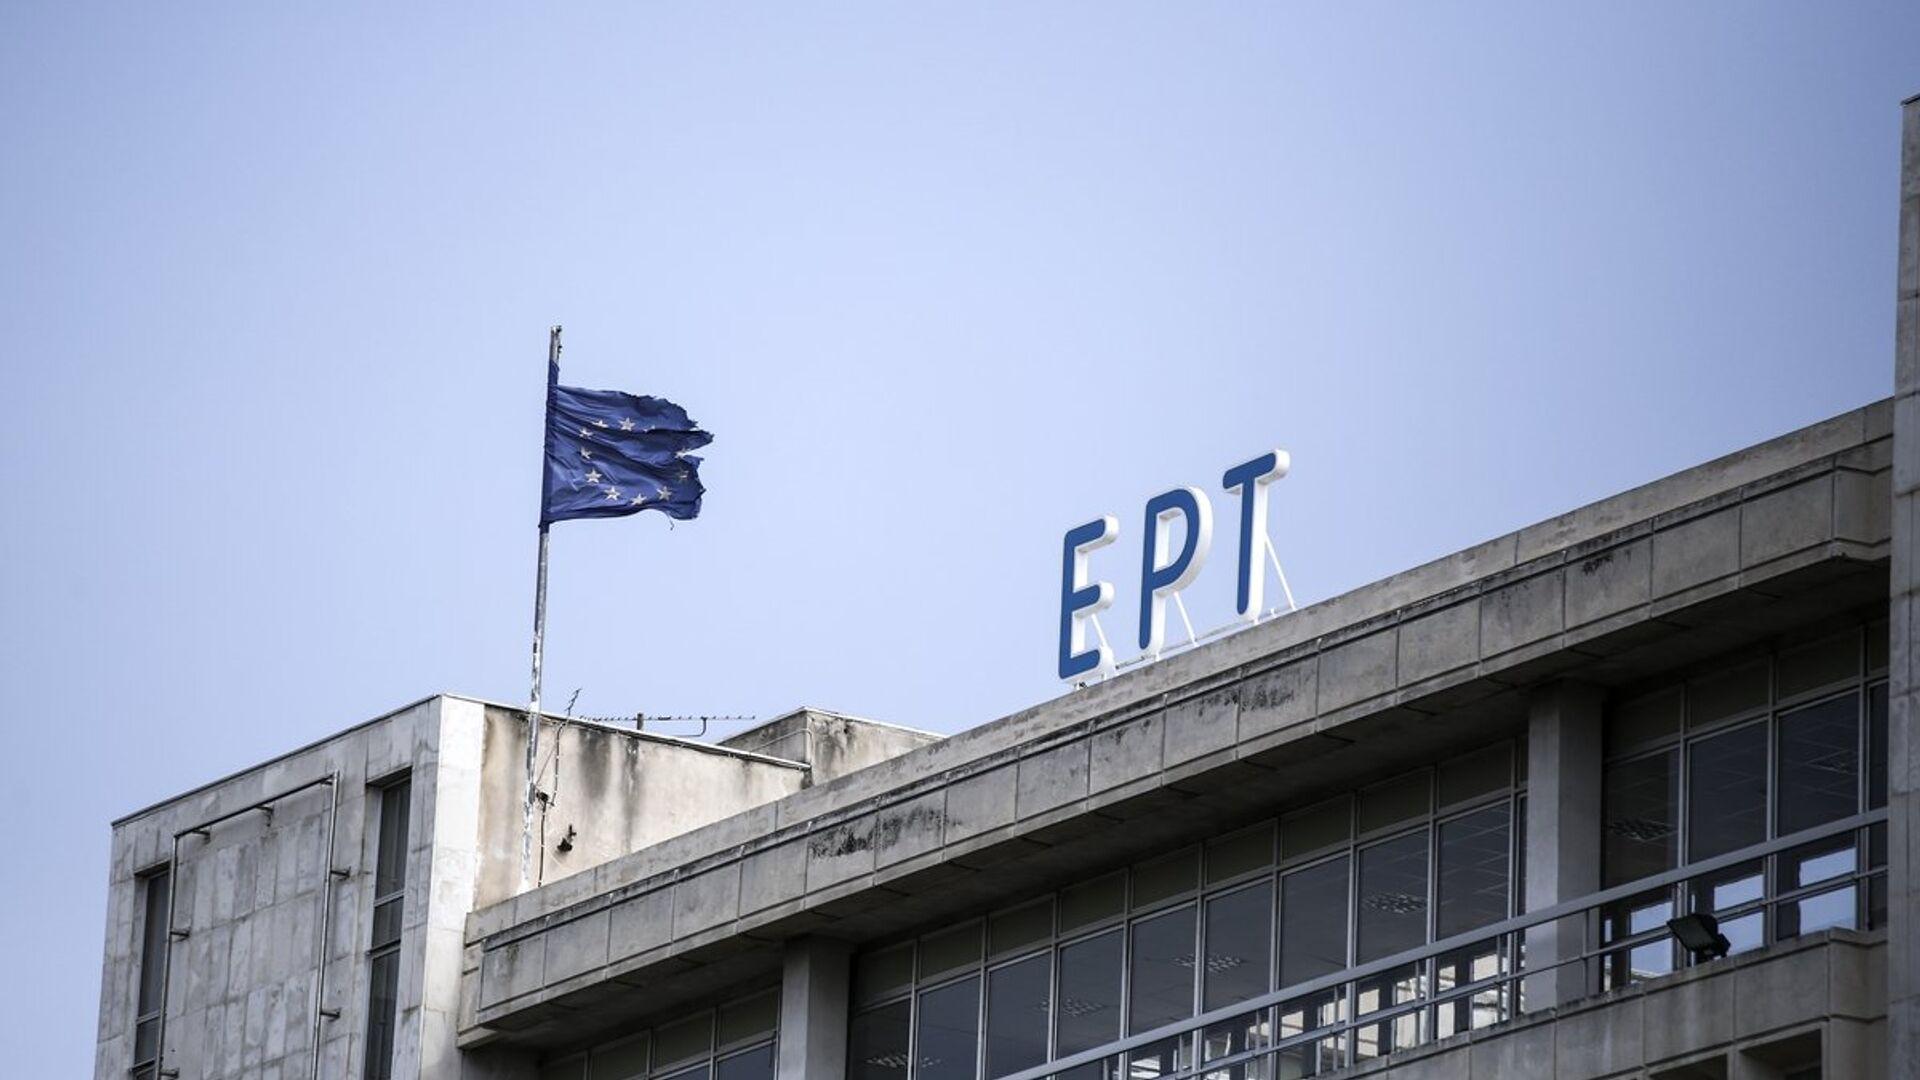 Το σήμα της ΕΡΤ - Sputnik Ελλάδα, 1920, 27.07.2021